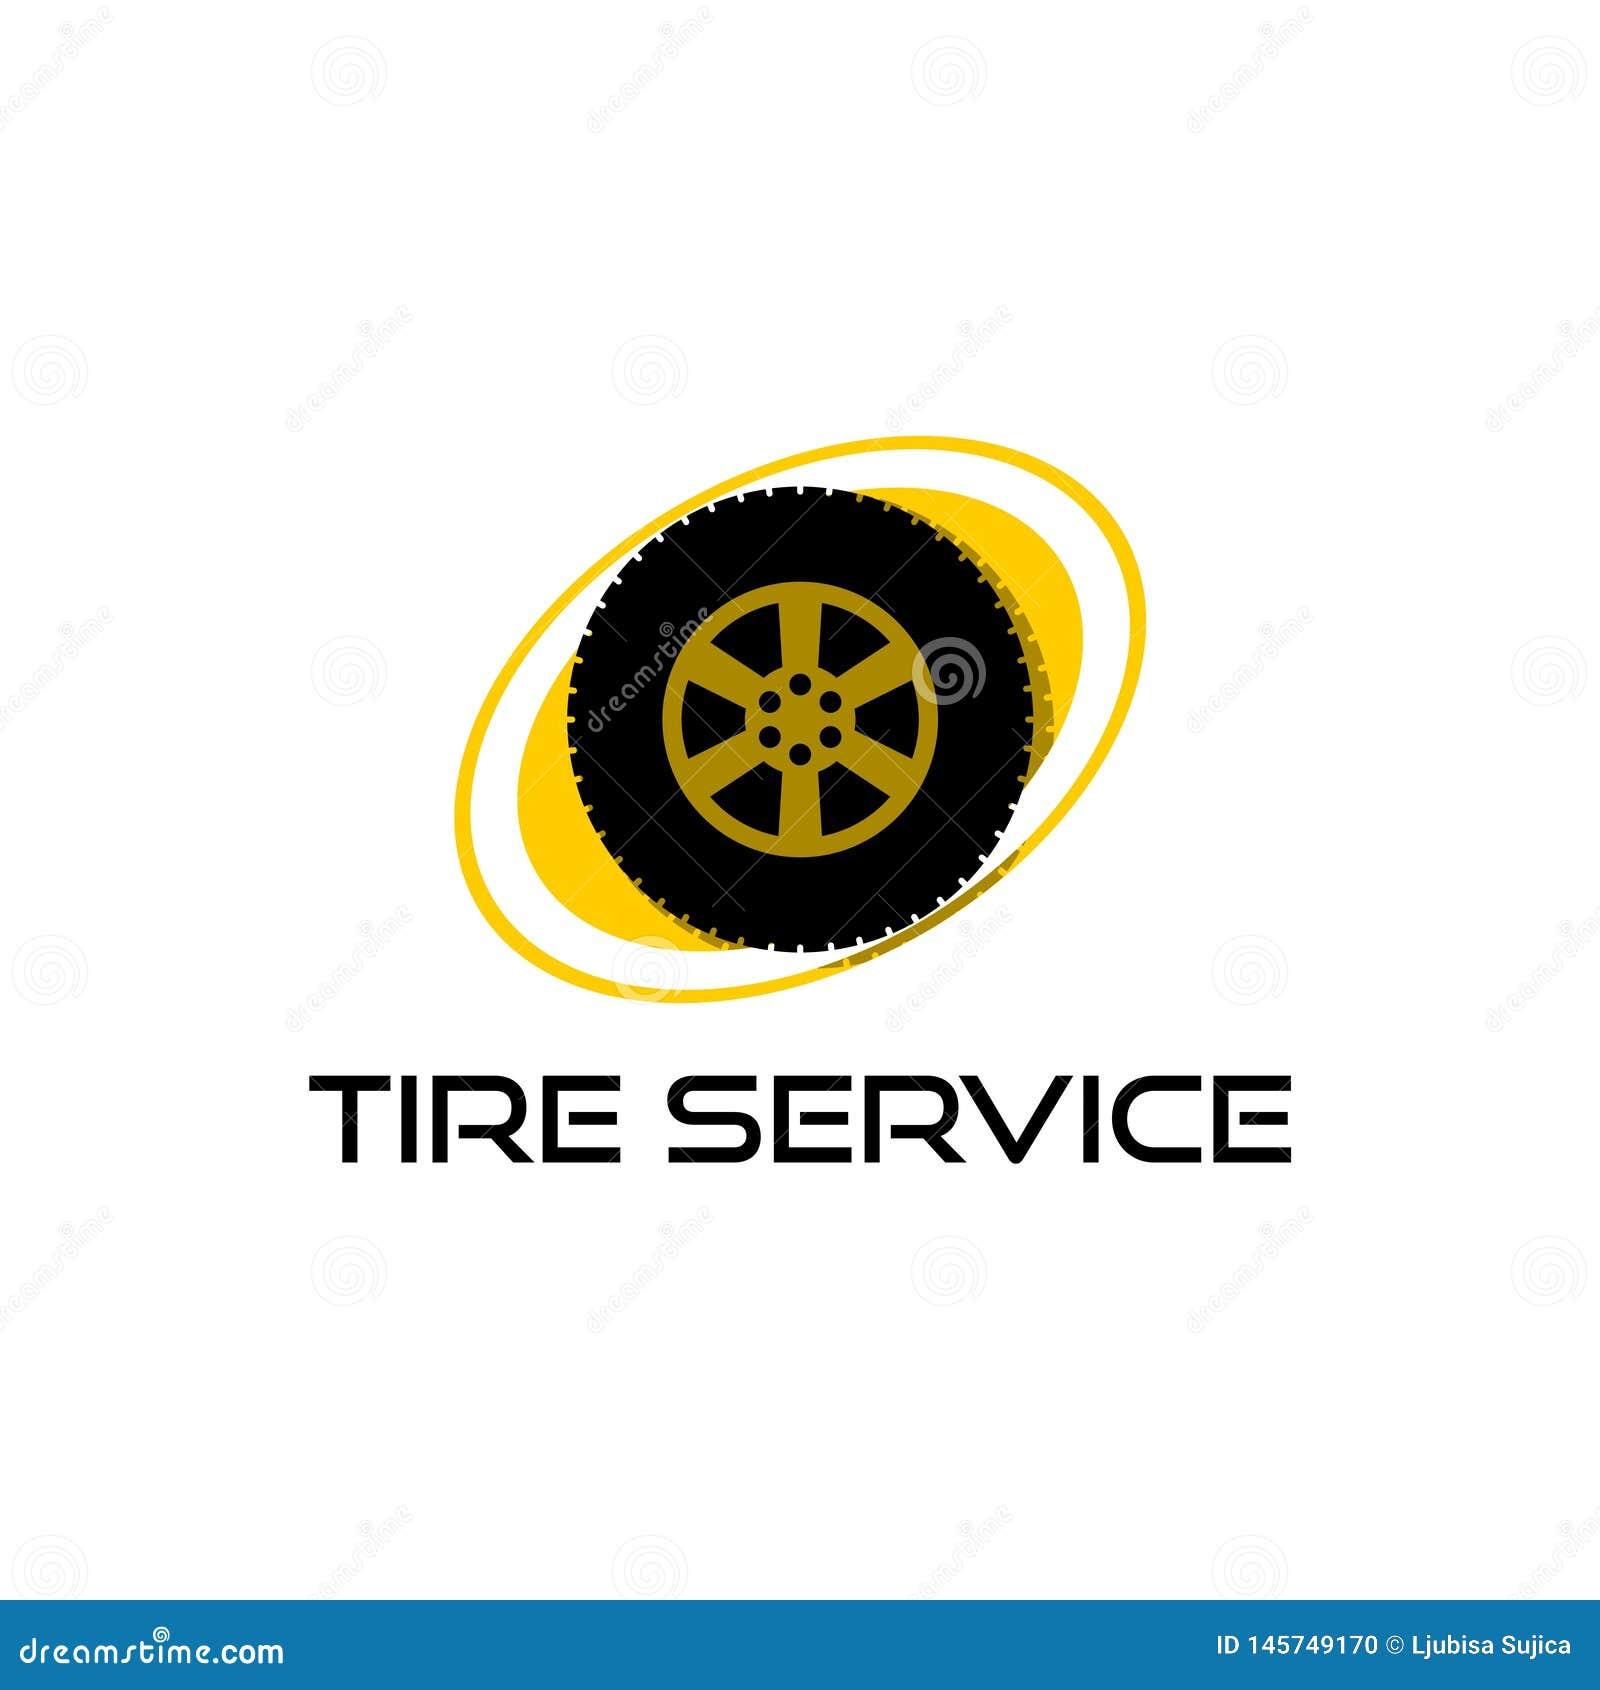 Logotipo para el servicio del neum?tico, icono del servicio del neum?tico